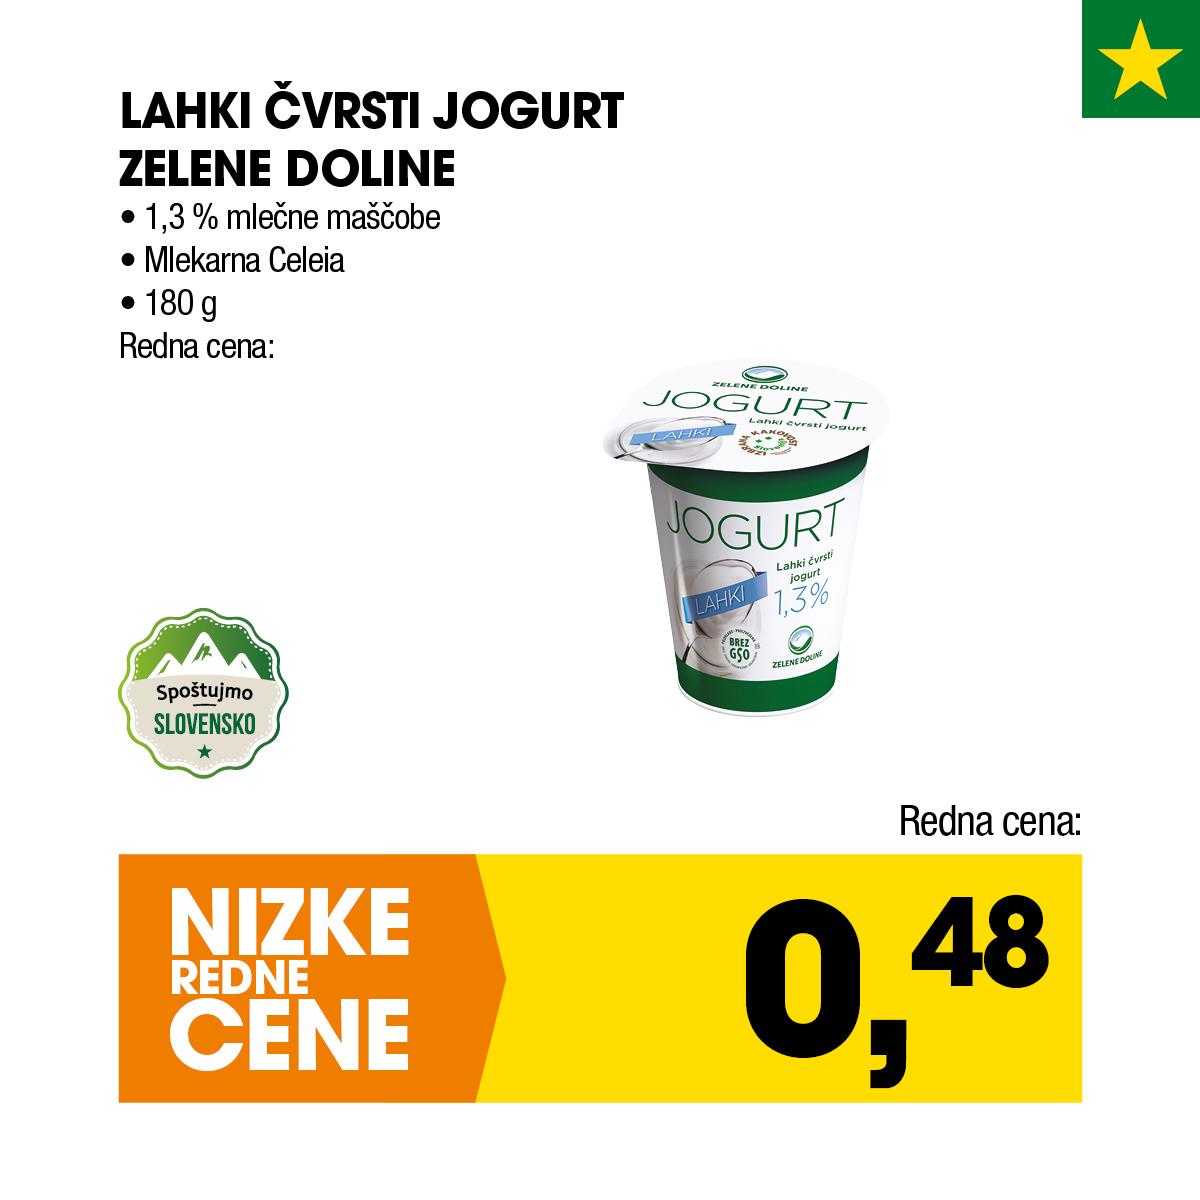 Nizke cene - Lahki čvrsti jogurt Zelene doline